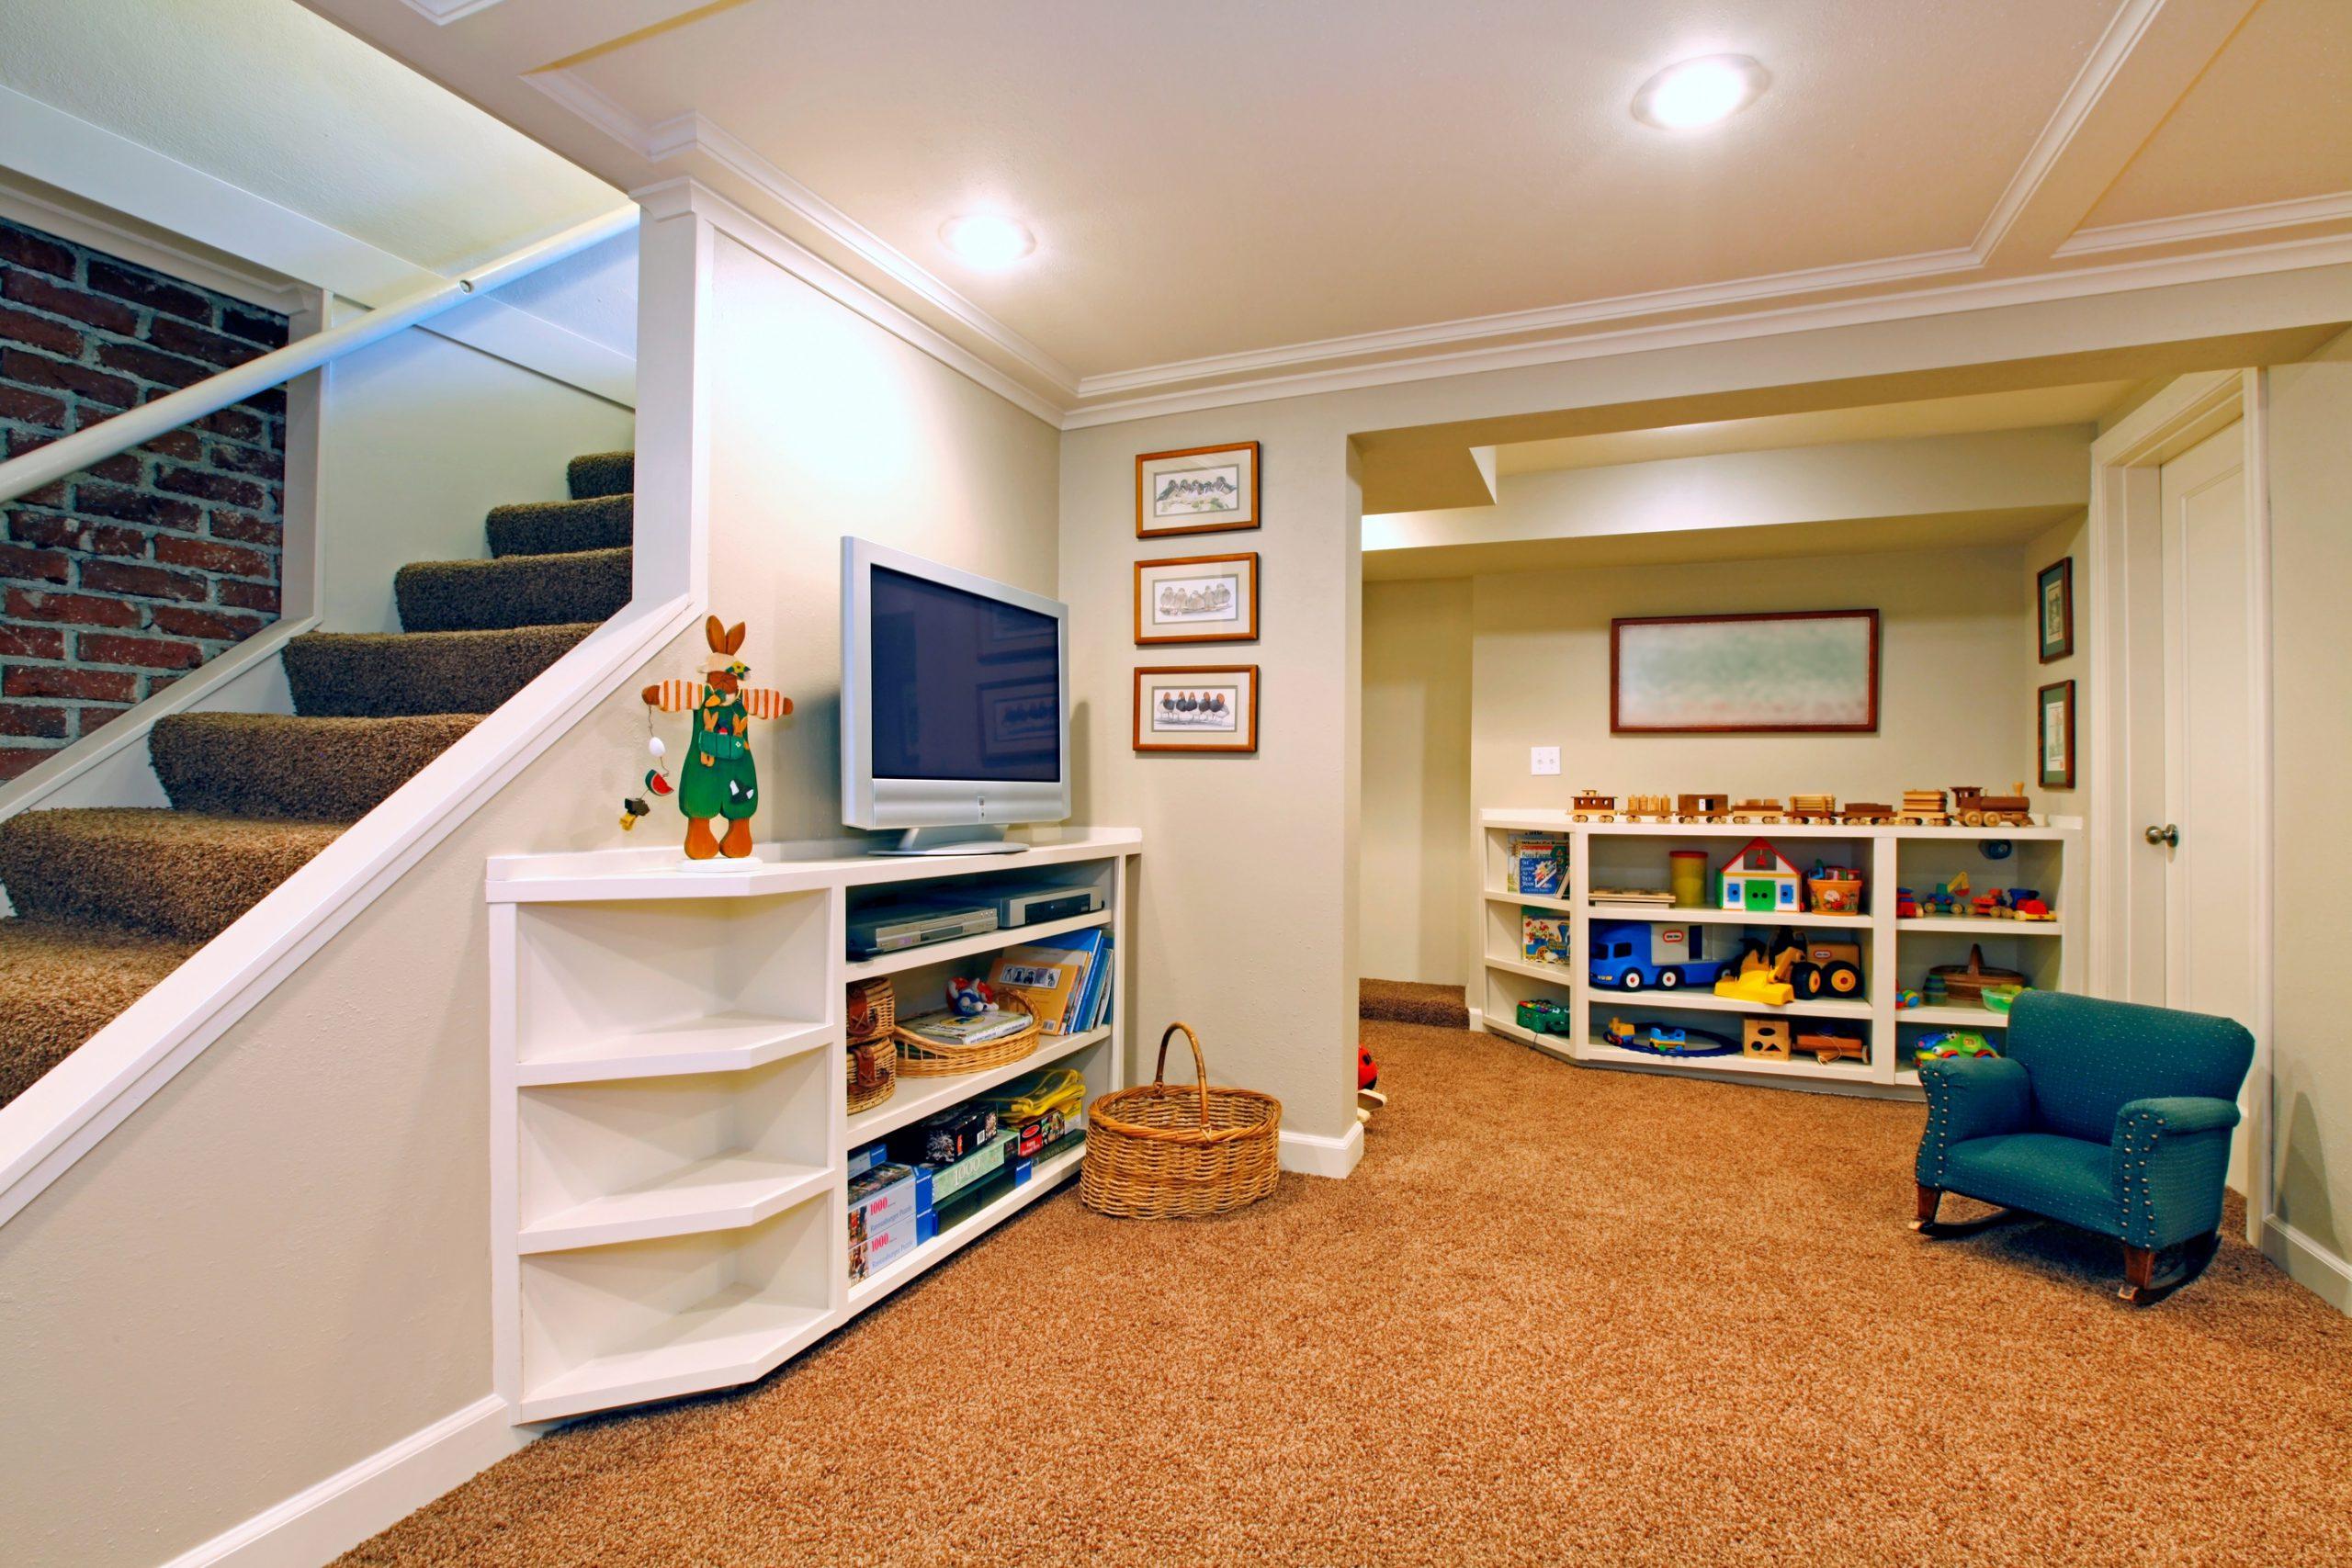 basement-renovation-schaumburg-basement-remodeling-schaumburg